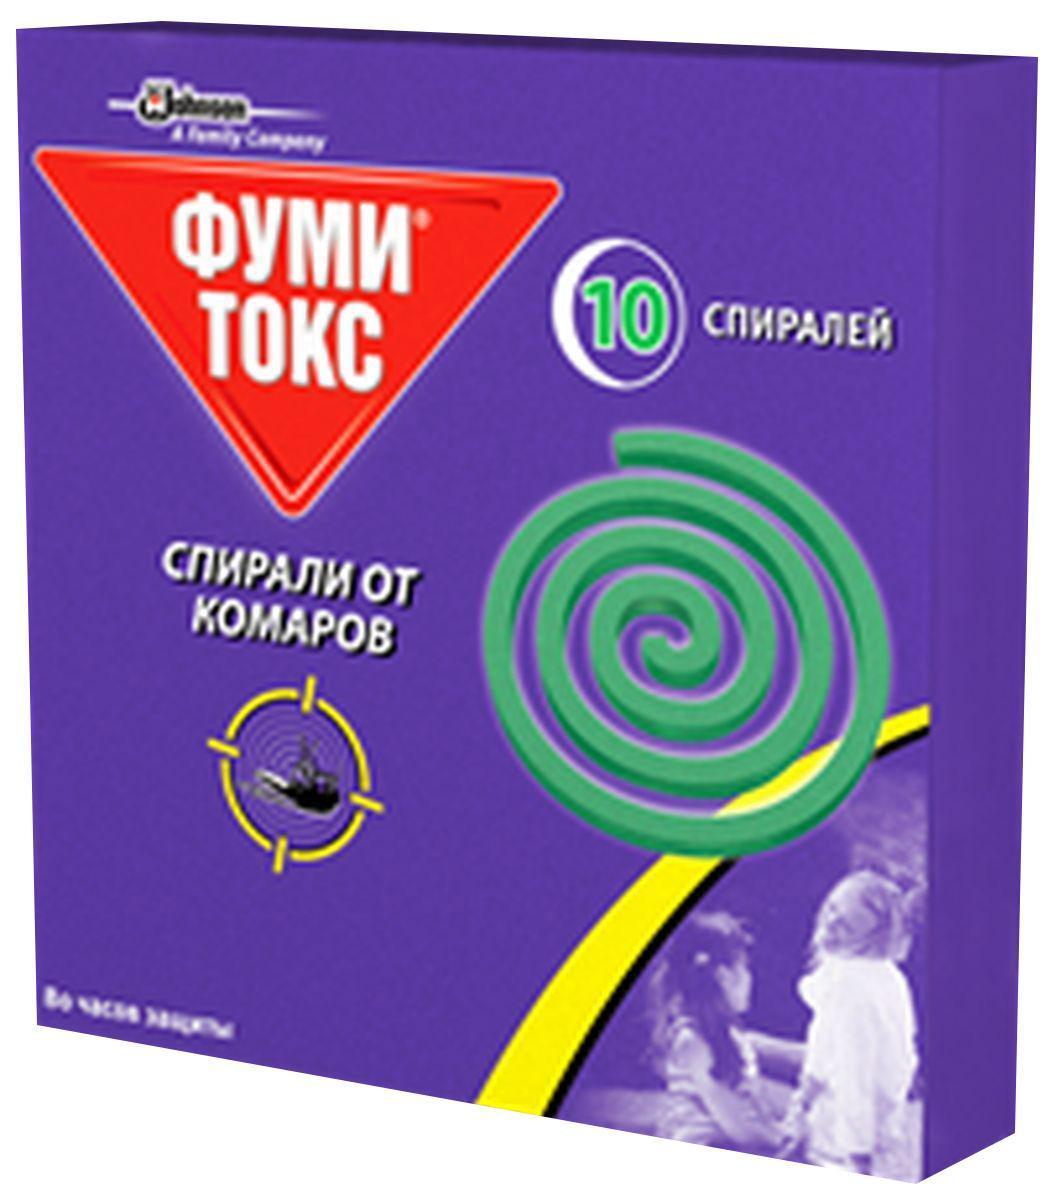 Спирали от комаров ФУМИТОКС зеленые 10 шт + спираль в подарок 20/12BH-SI0439-WWМгновенное действие после поджигания спирали: отгоняет и уничтожает комаров. Не гаснет под воздействием легкого ветра. Компактность и простота в использовании. Используется на открытом воздухе или хорошо проветриваемых помещениях.